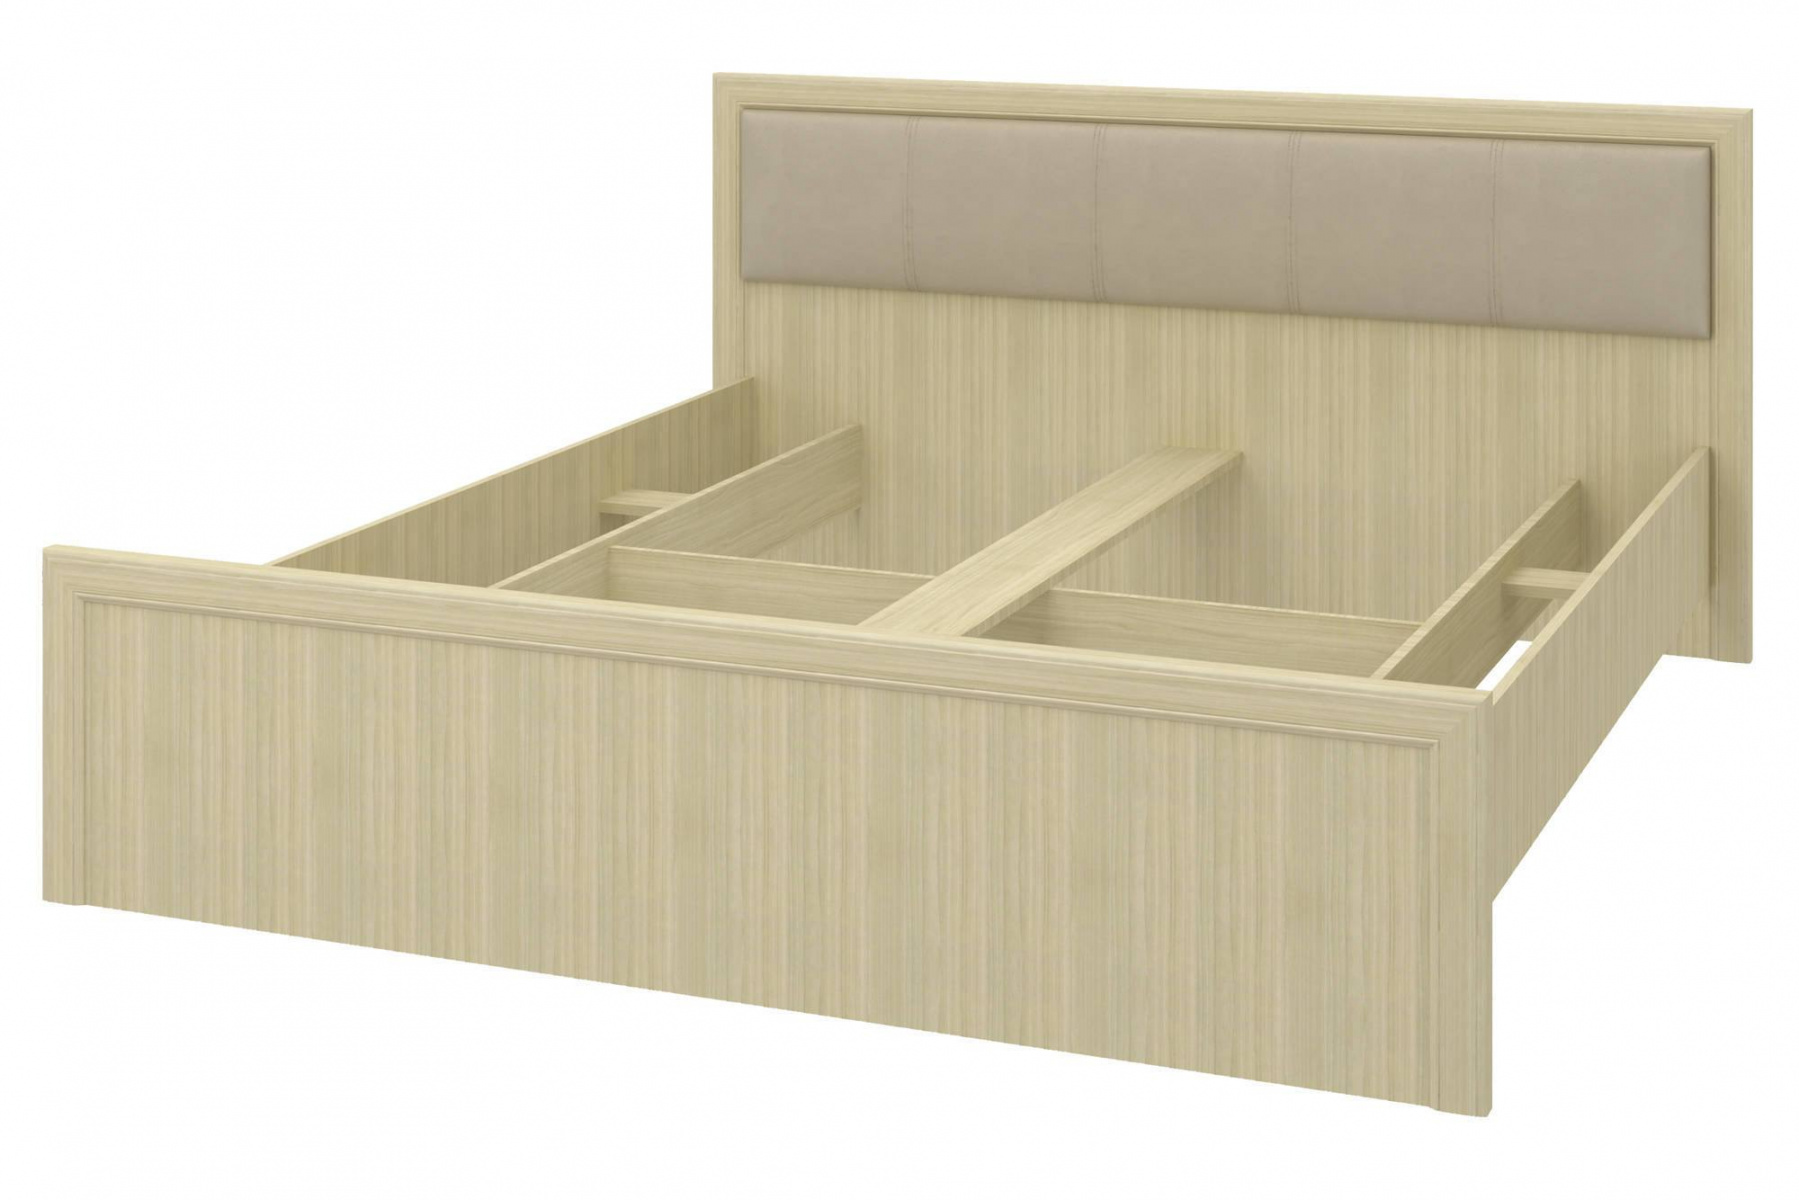 Кровать София СТЛ.098.17 деревянная кровать софия